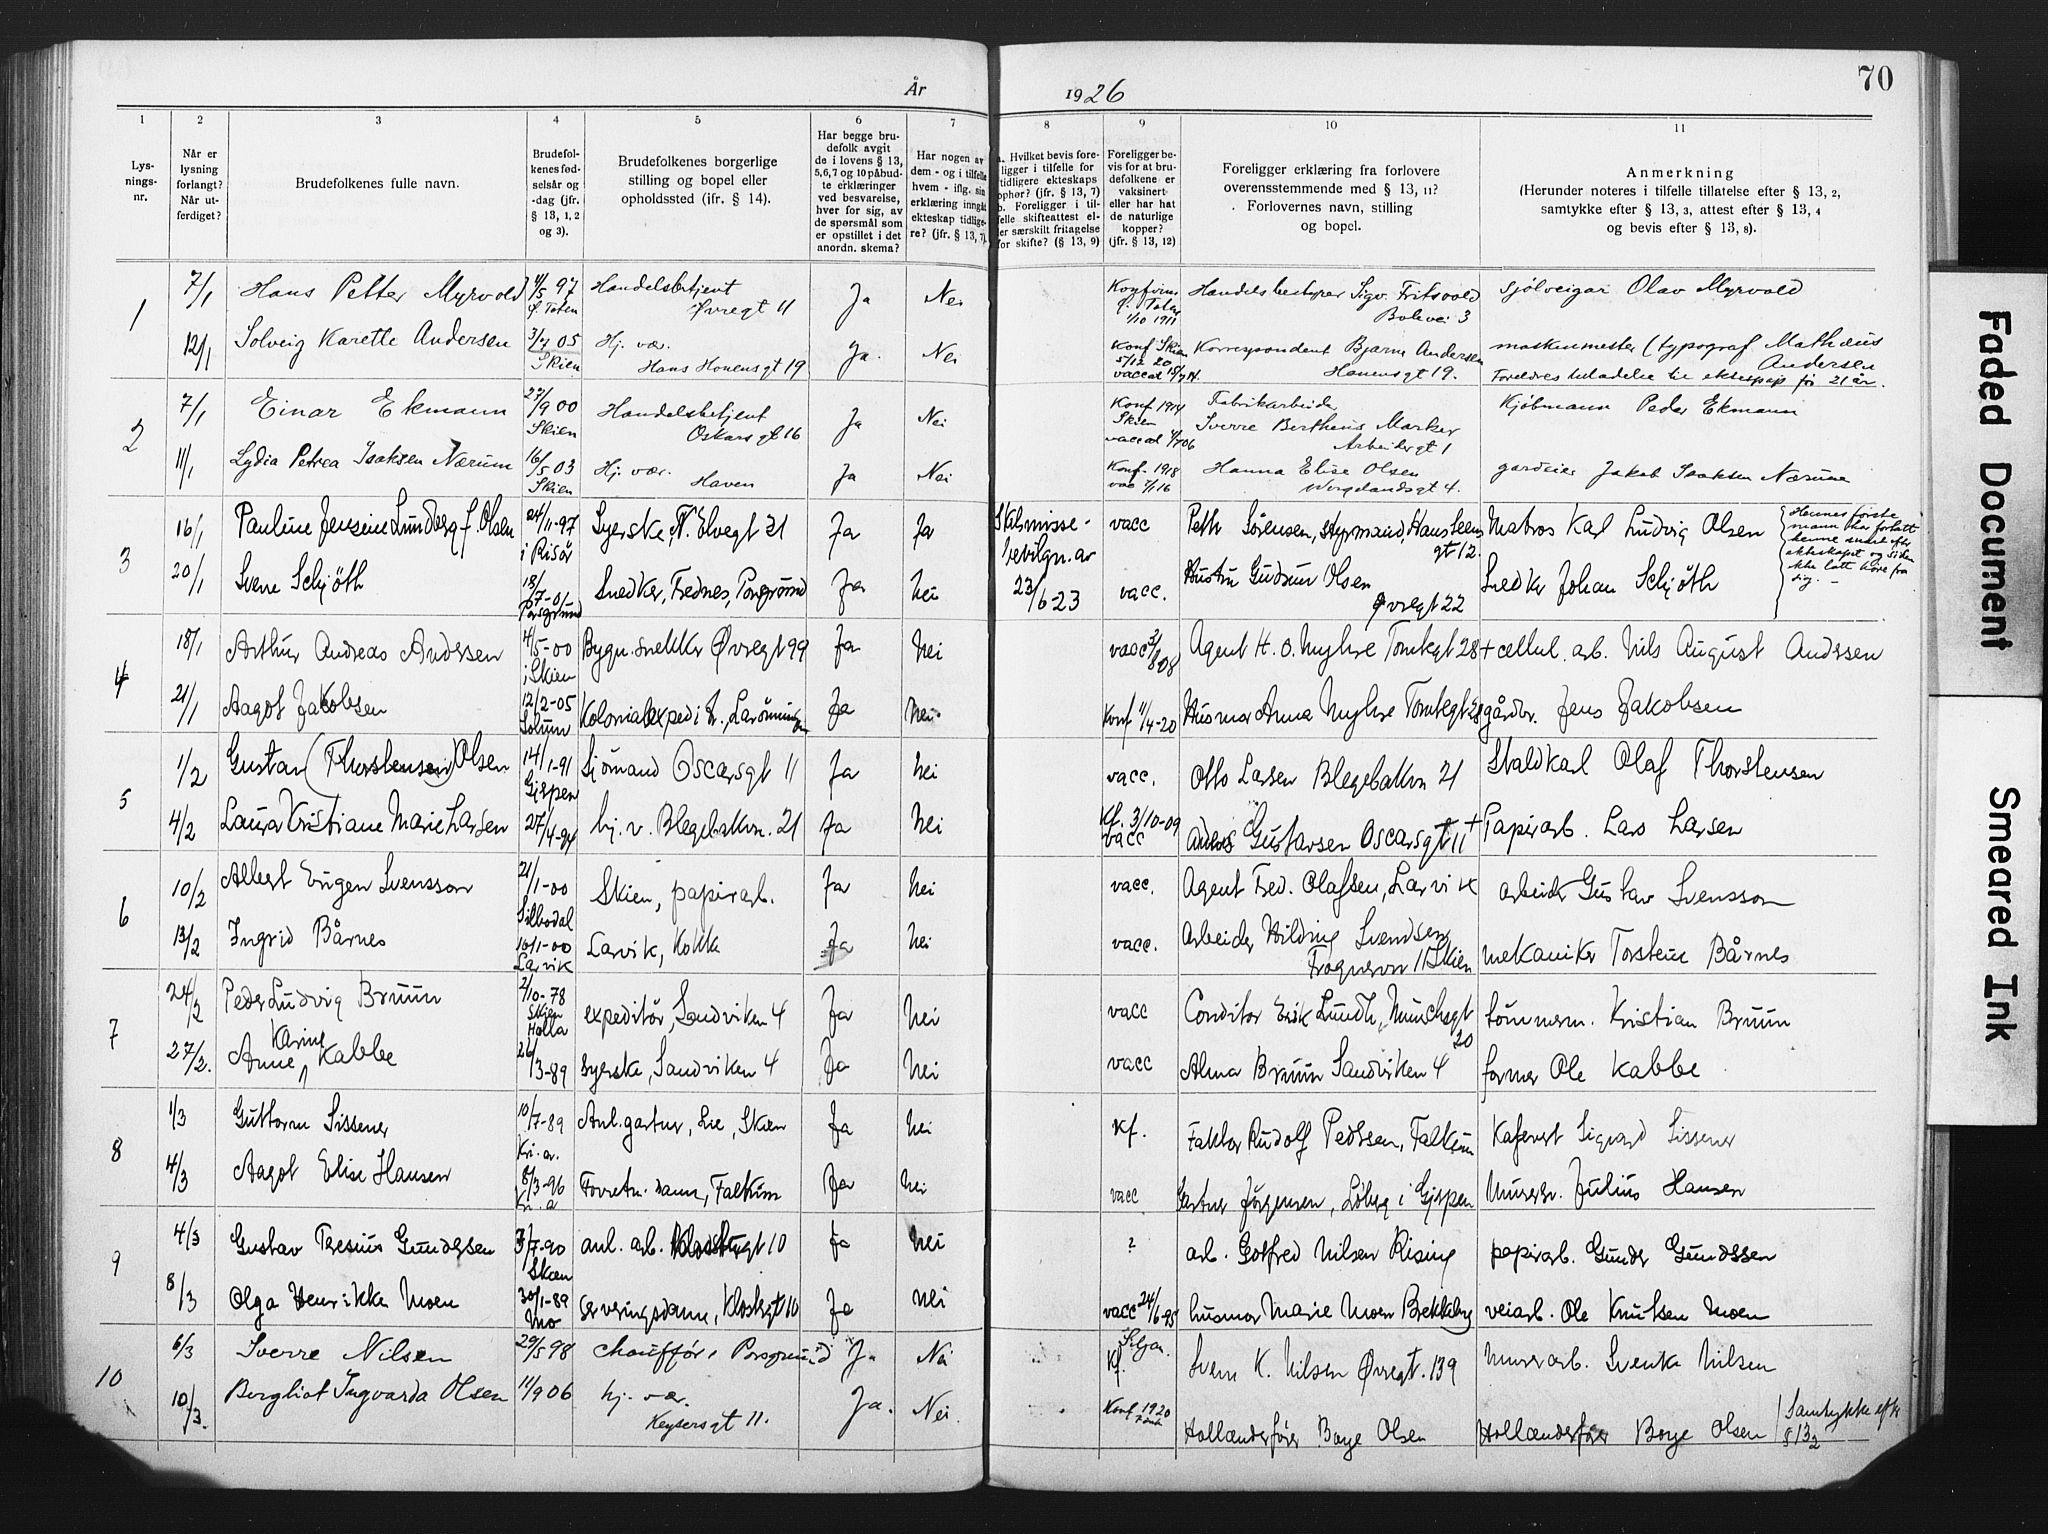 SAKO, Skien kirkebøker, H/Ha/L0001: Lysningsprotokoll nr. 1, 1919-1929, s. 70